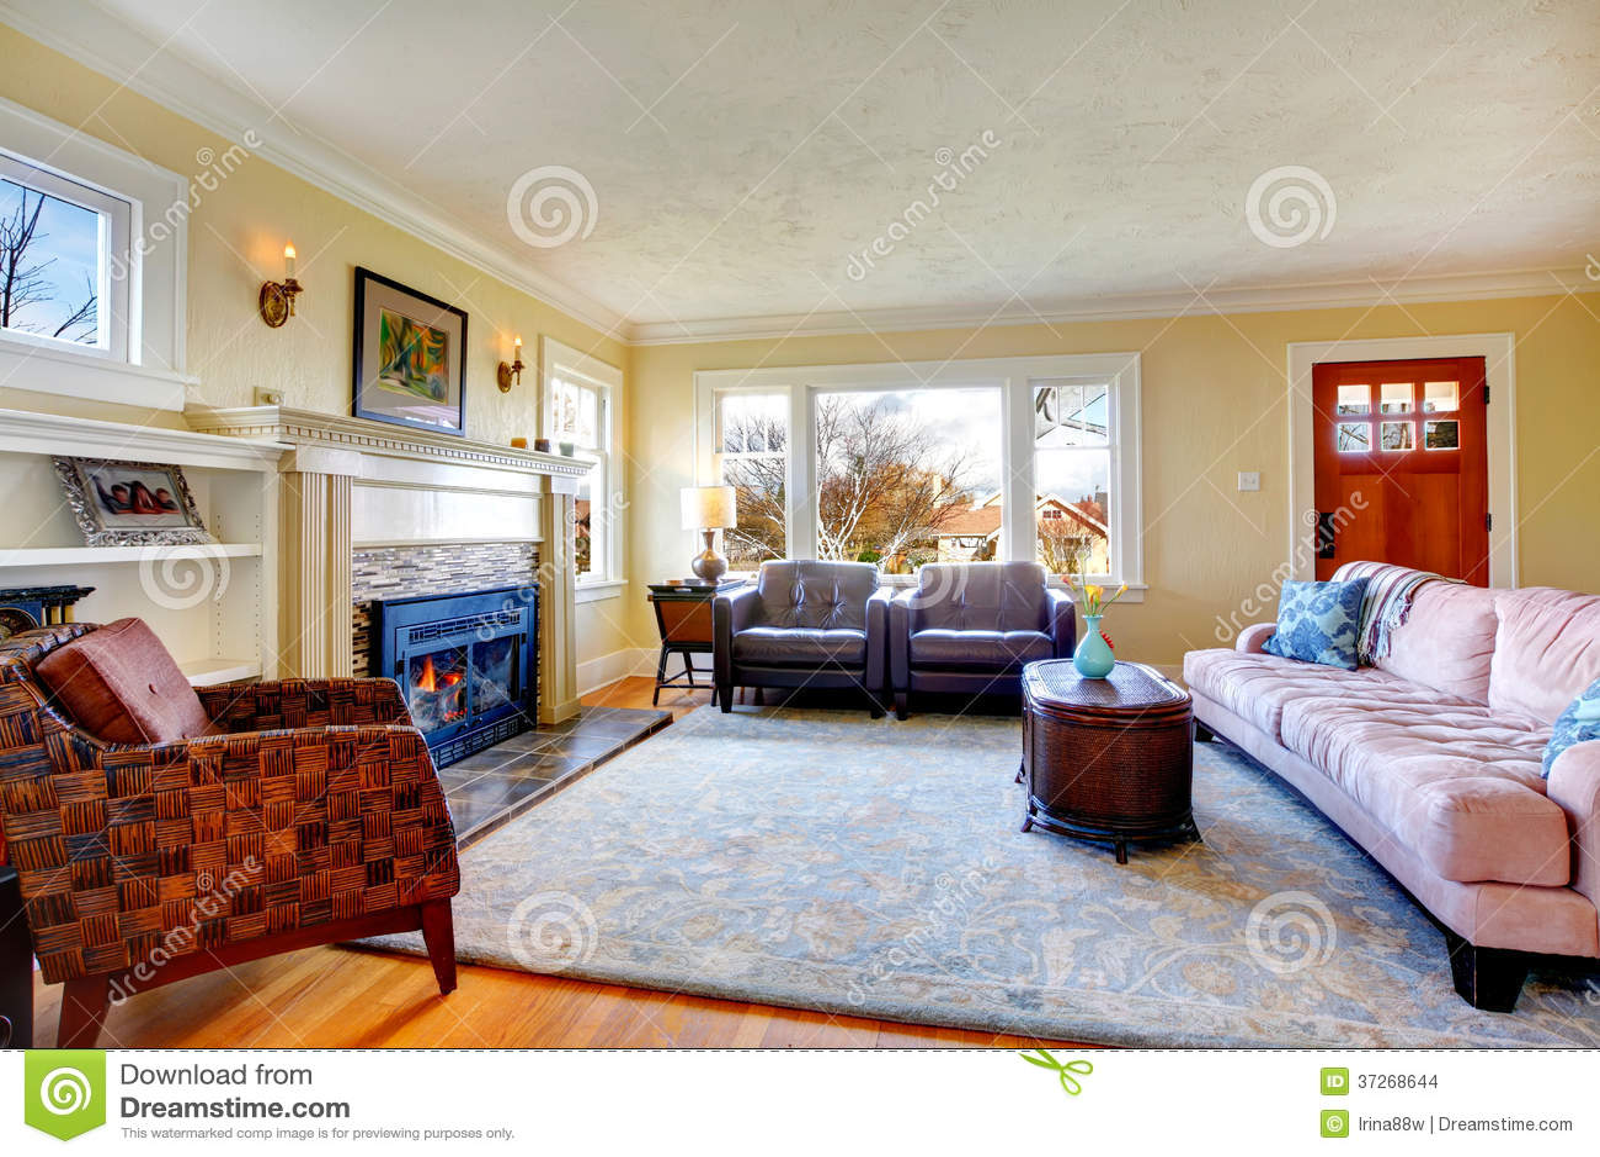 Gemütliches wohnzimmer mit kamin und verzierter wand mit kerzen ...